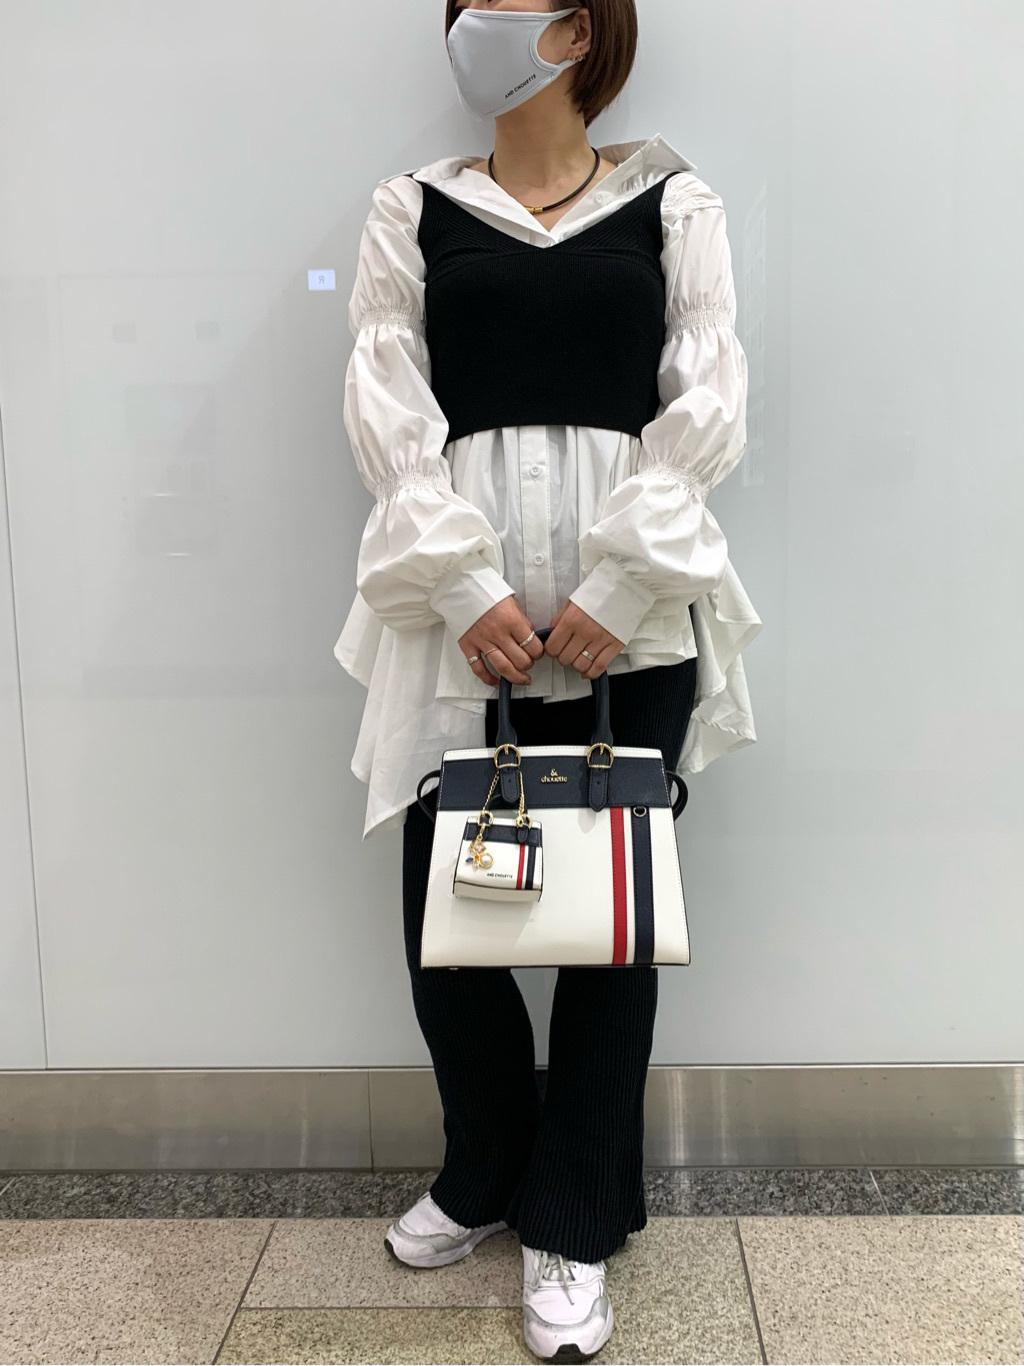 & シュエット ギャラリー ピオレ姫路店 Rika